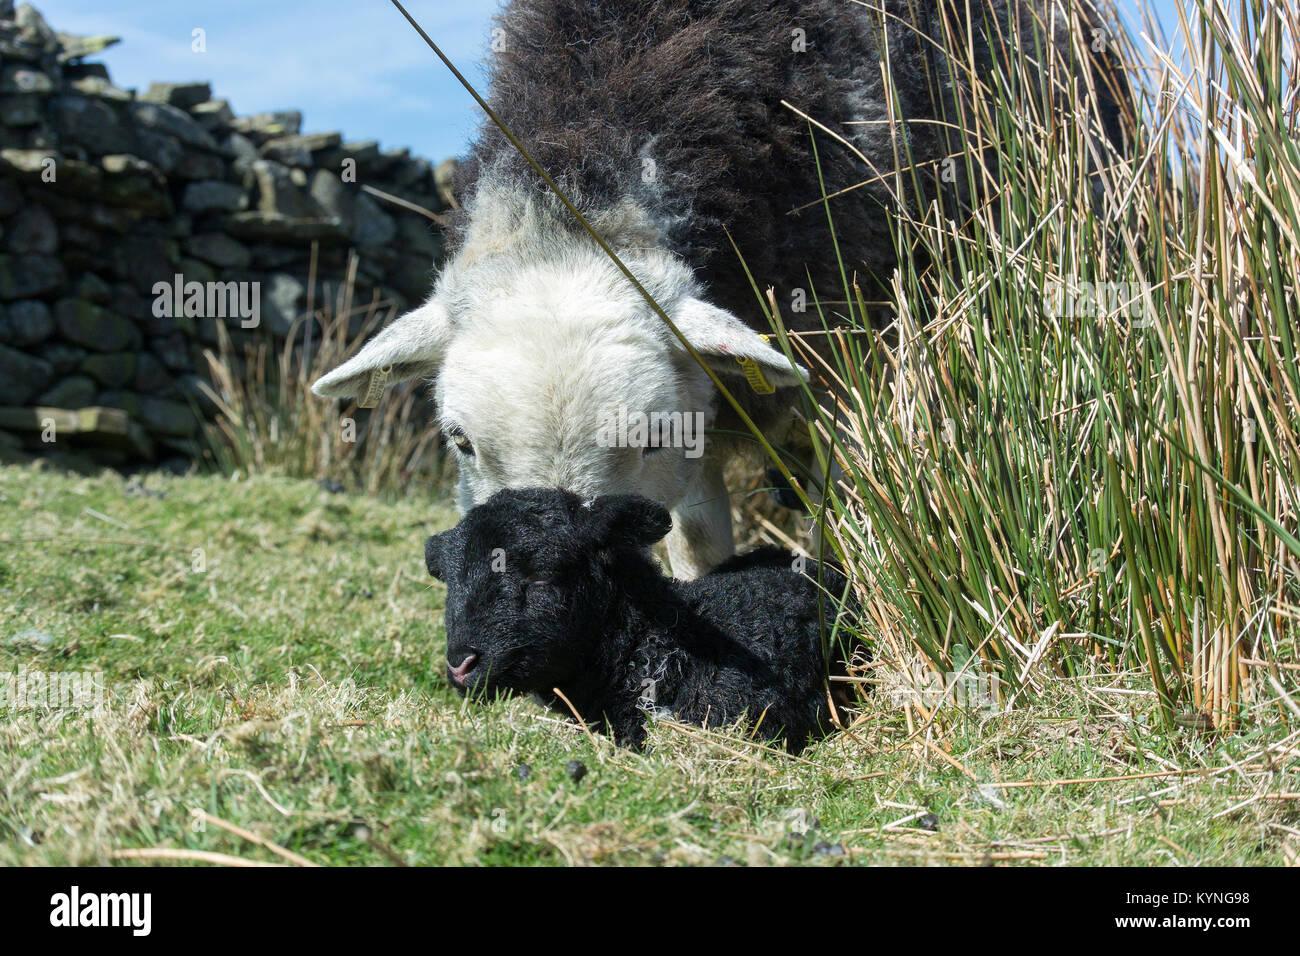 Herdwick Pecora con agnello neonato nelle aree montane pascolo, UK. Immagini Stock